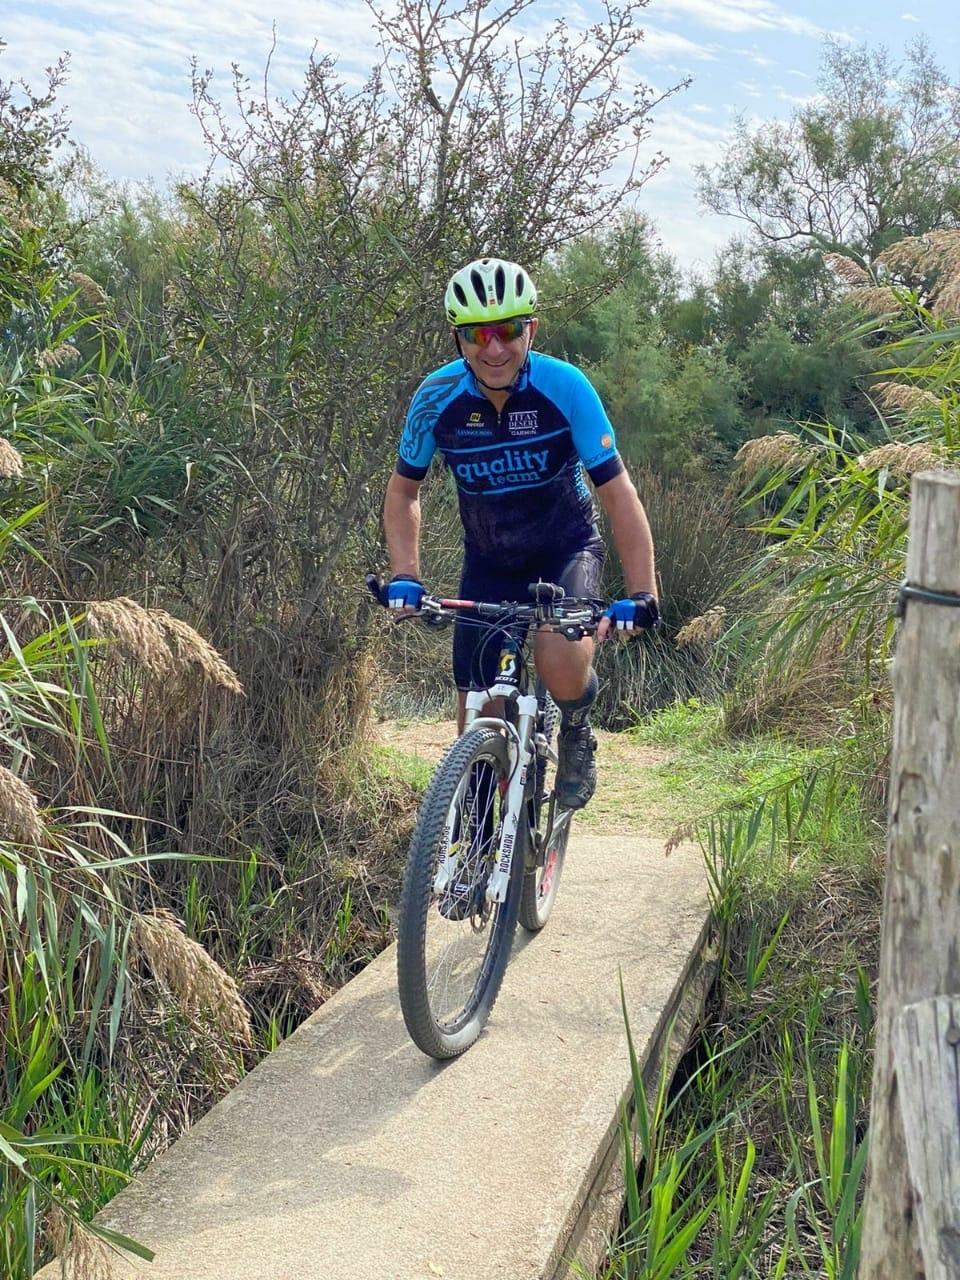 El 'biker' Ramon Aranda, entrenant per l'Alt Empordà, torna a somriure a sobre de la bicicleta. Foto: Foto cedida per Ramon Aranda